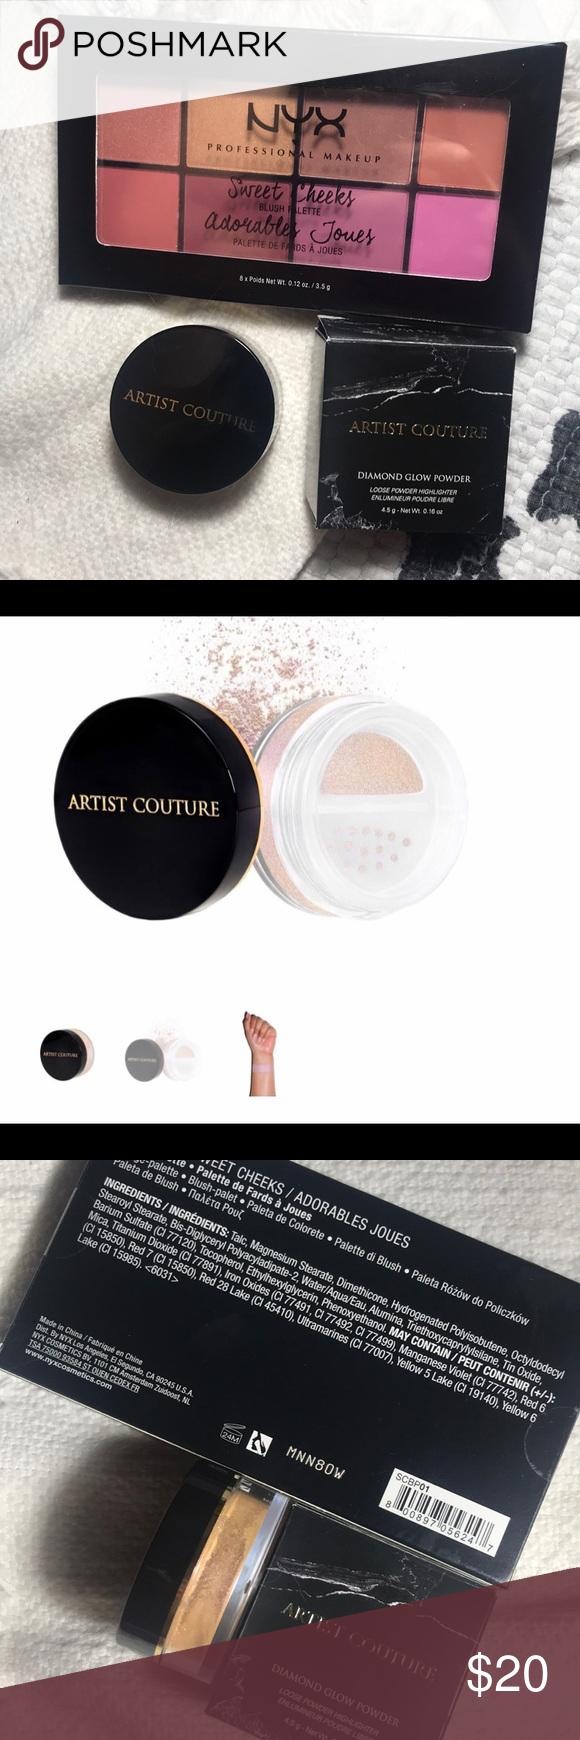 Artist Couture Diamond Glow Powder & NYX Palette NWT